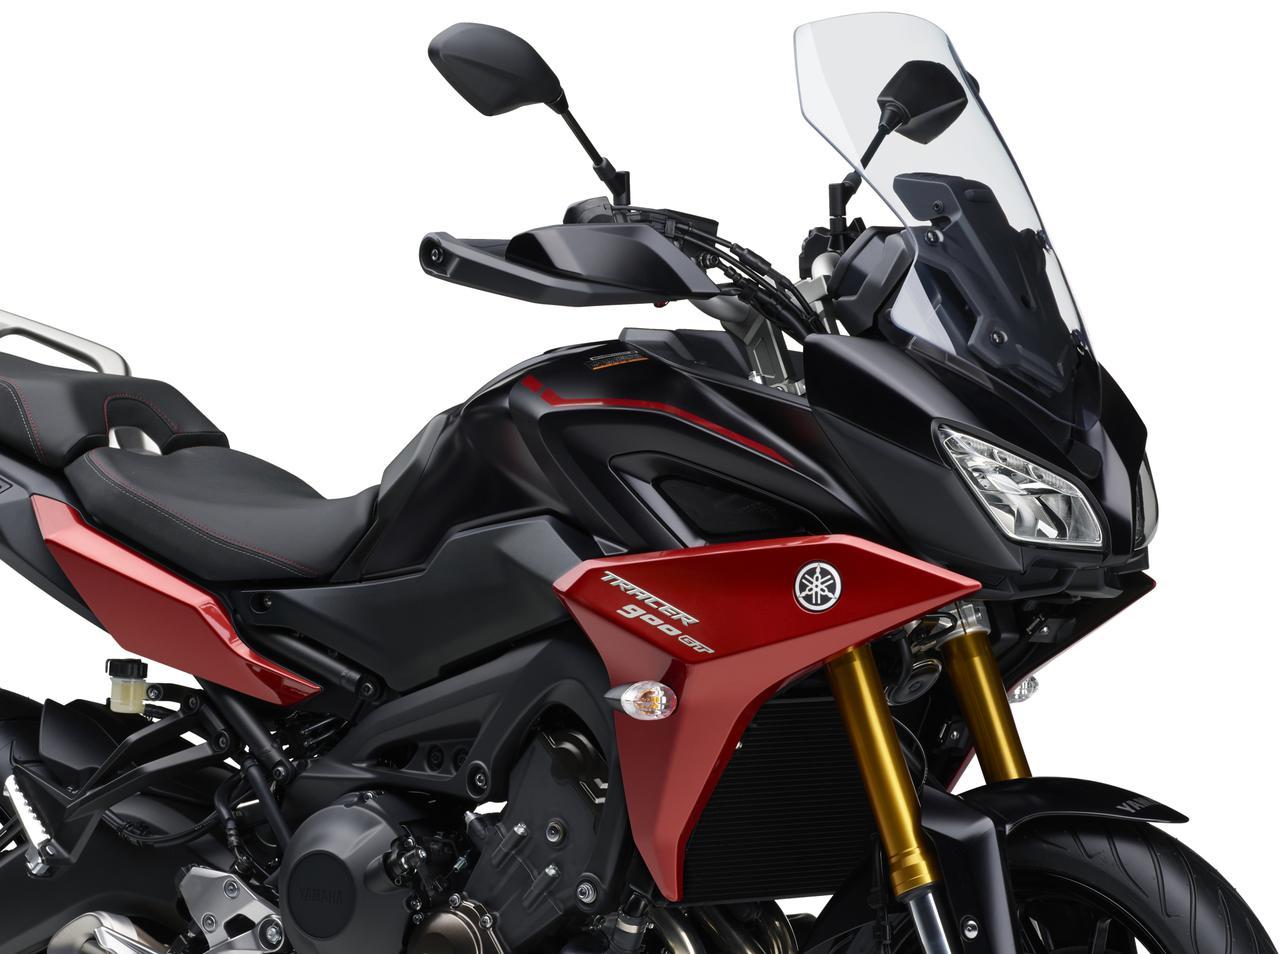 【速報】ヤマハが「トレーサー900」シリーズの2020年モデルを発表! 新色が2色登場